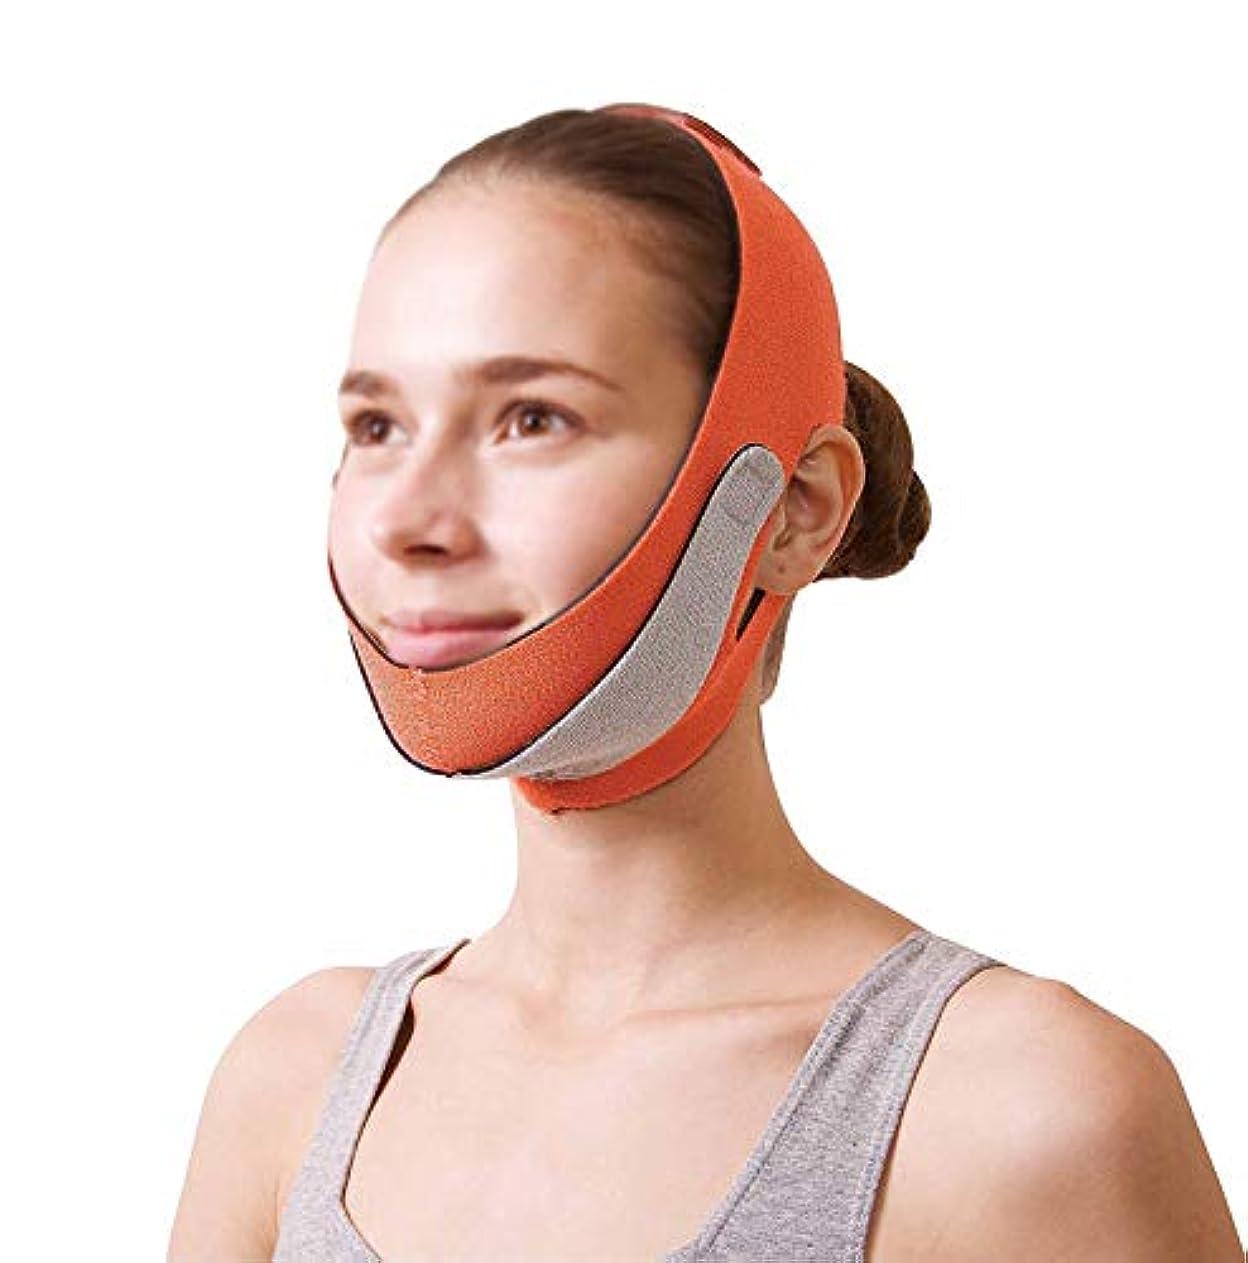 外観軸隙間GLJJQMY 薄いフェイスマスクあごストラップ回復パッチ包帯ヘッドマスクフェイシャルマスクフェイシャルマスクアーティファクト美容フェイシャルとネックリフトオレンジマスク 顔用整形マスク